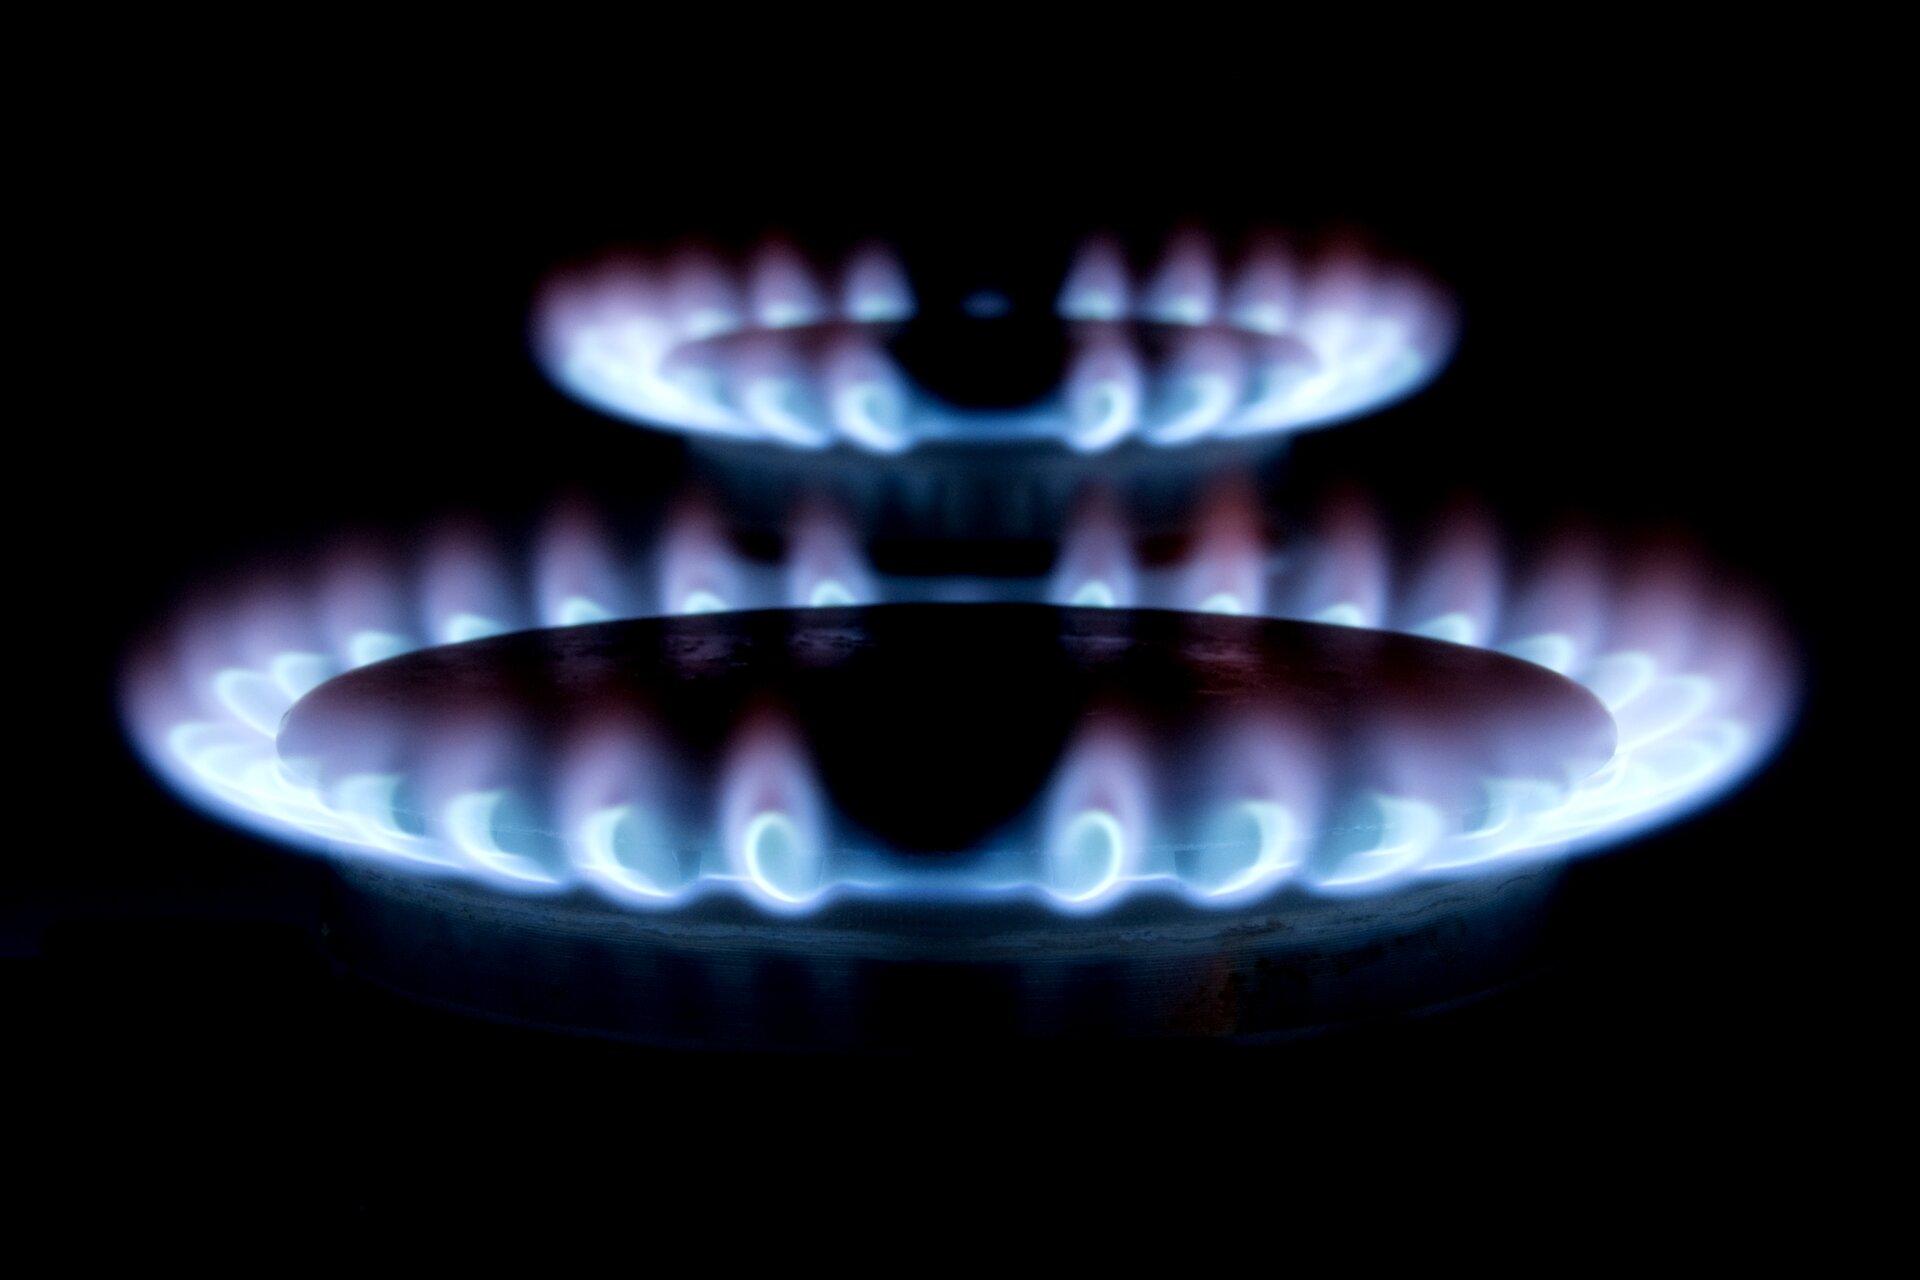 Zdjęcie przedstawia dwa czynne palniki kuchenki gazowej płonące wciemnościach.